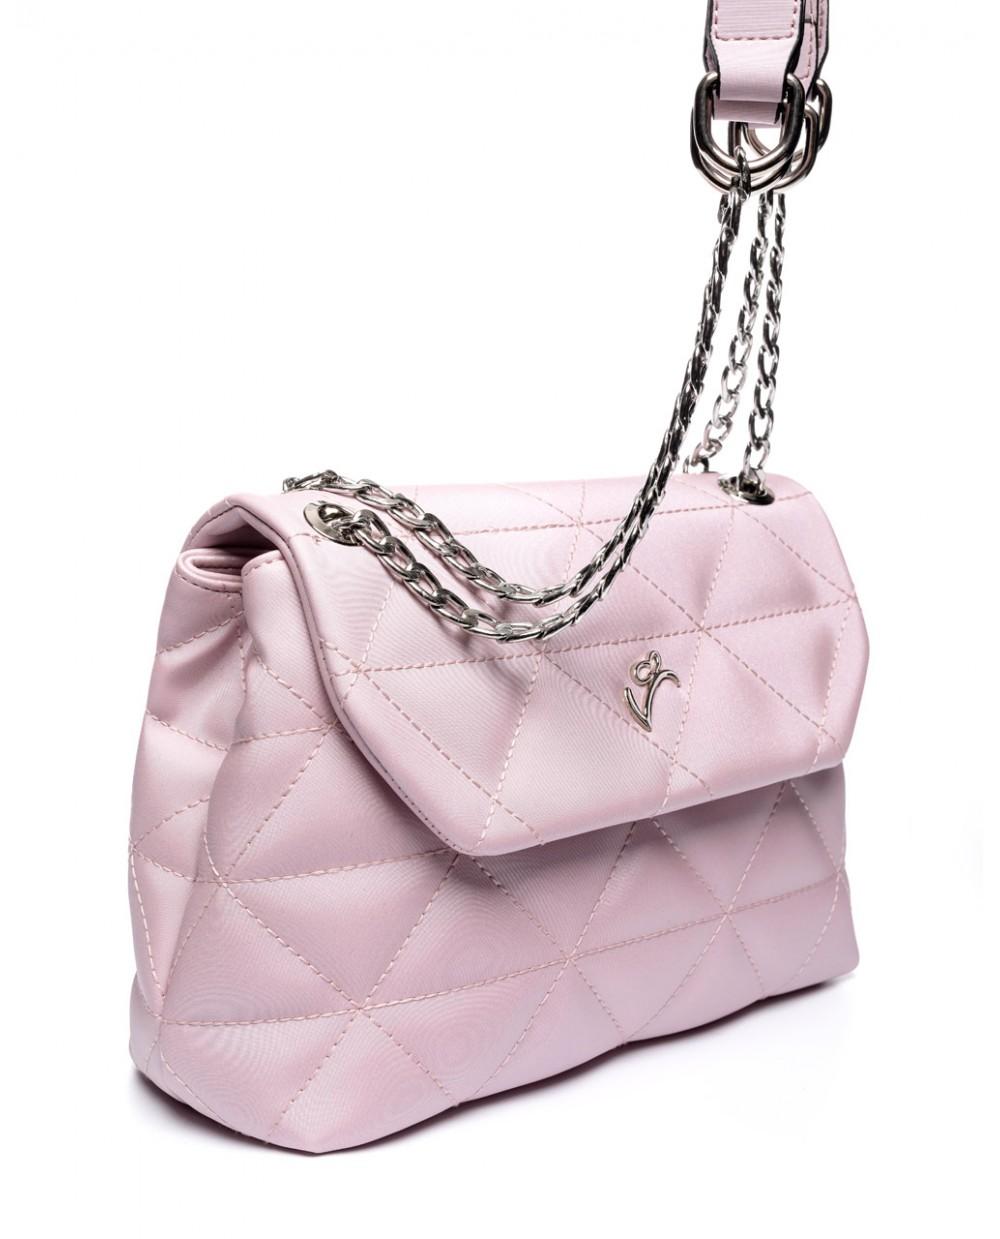 Γυναικεία  τσάντα Veta 5114-20